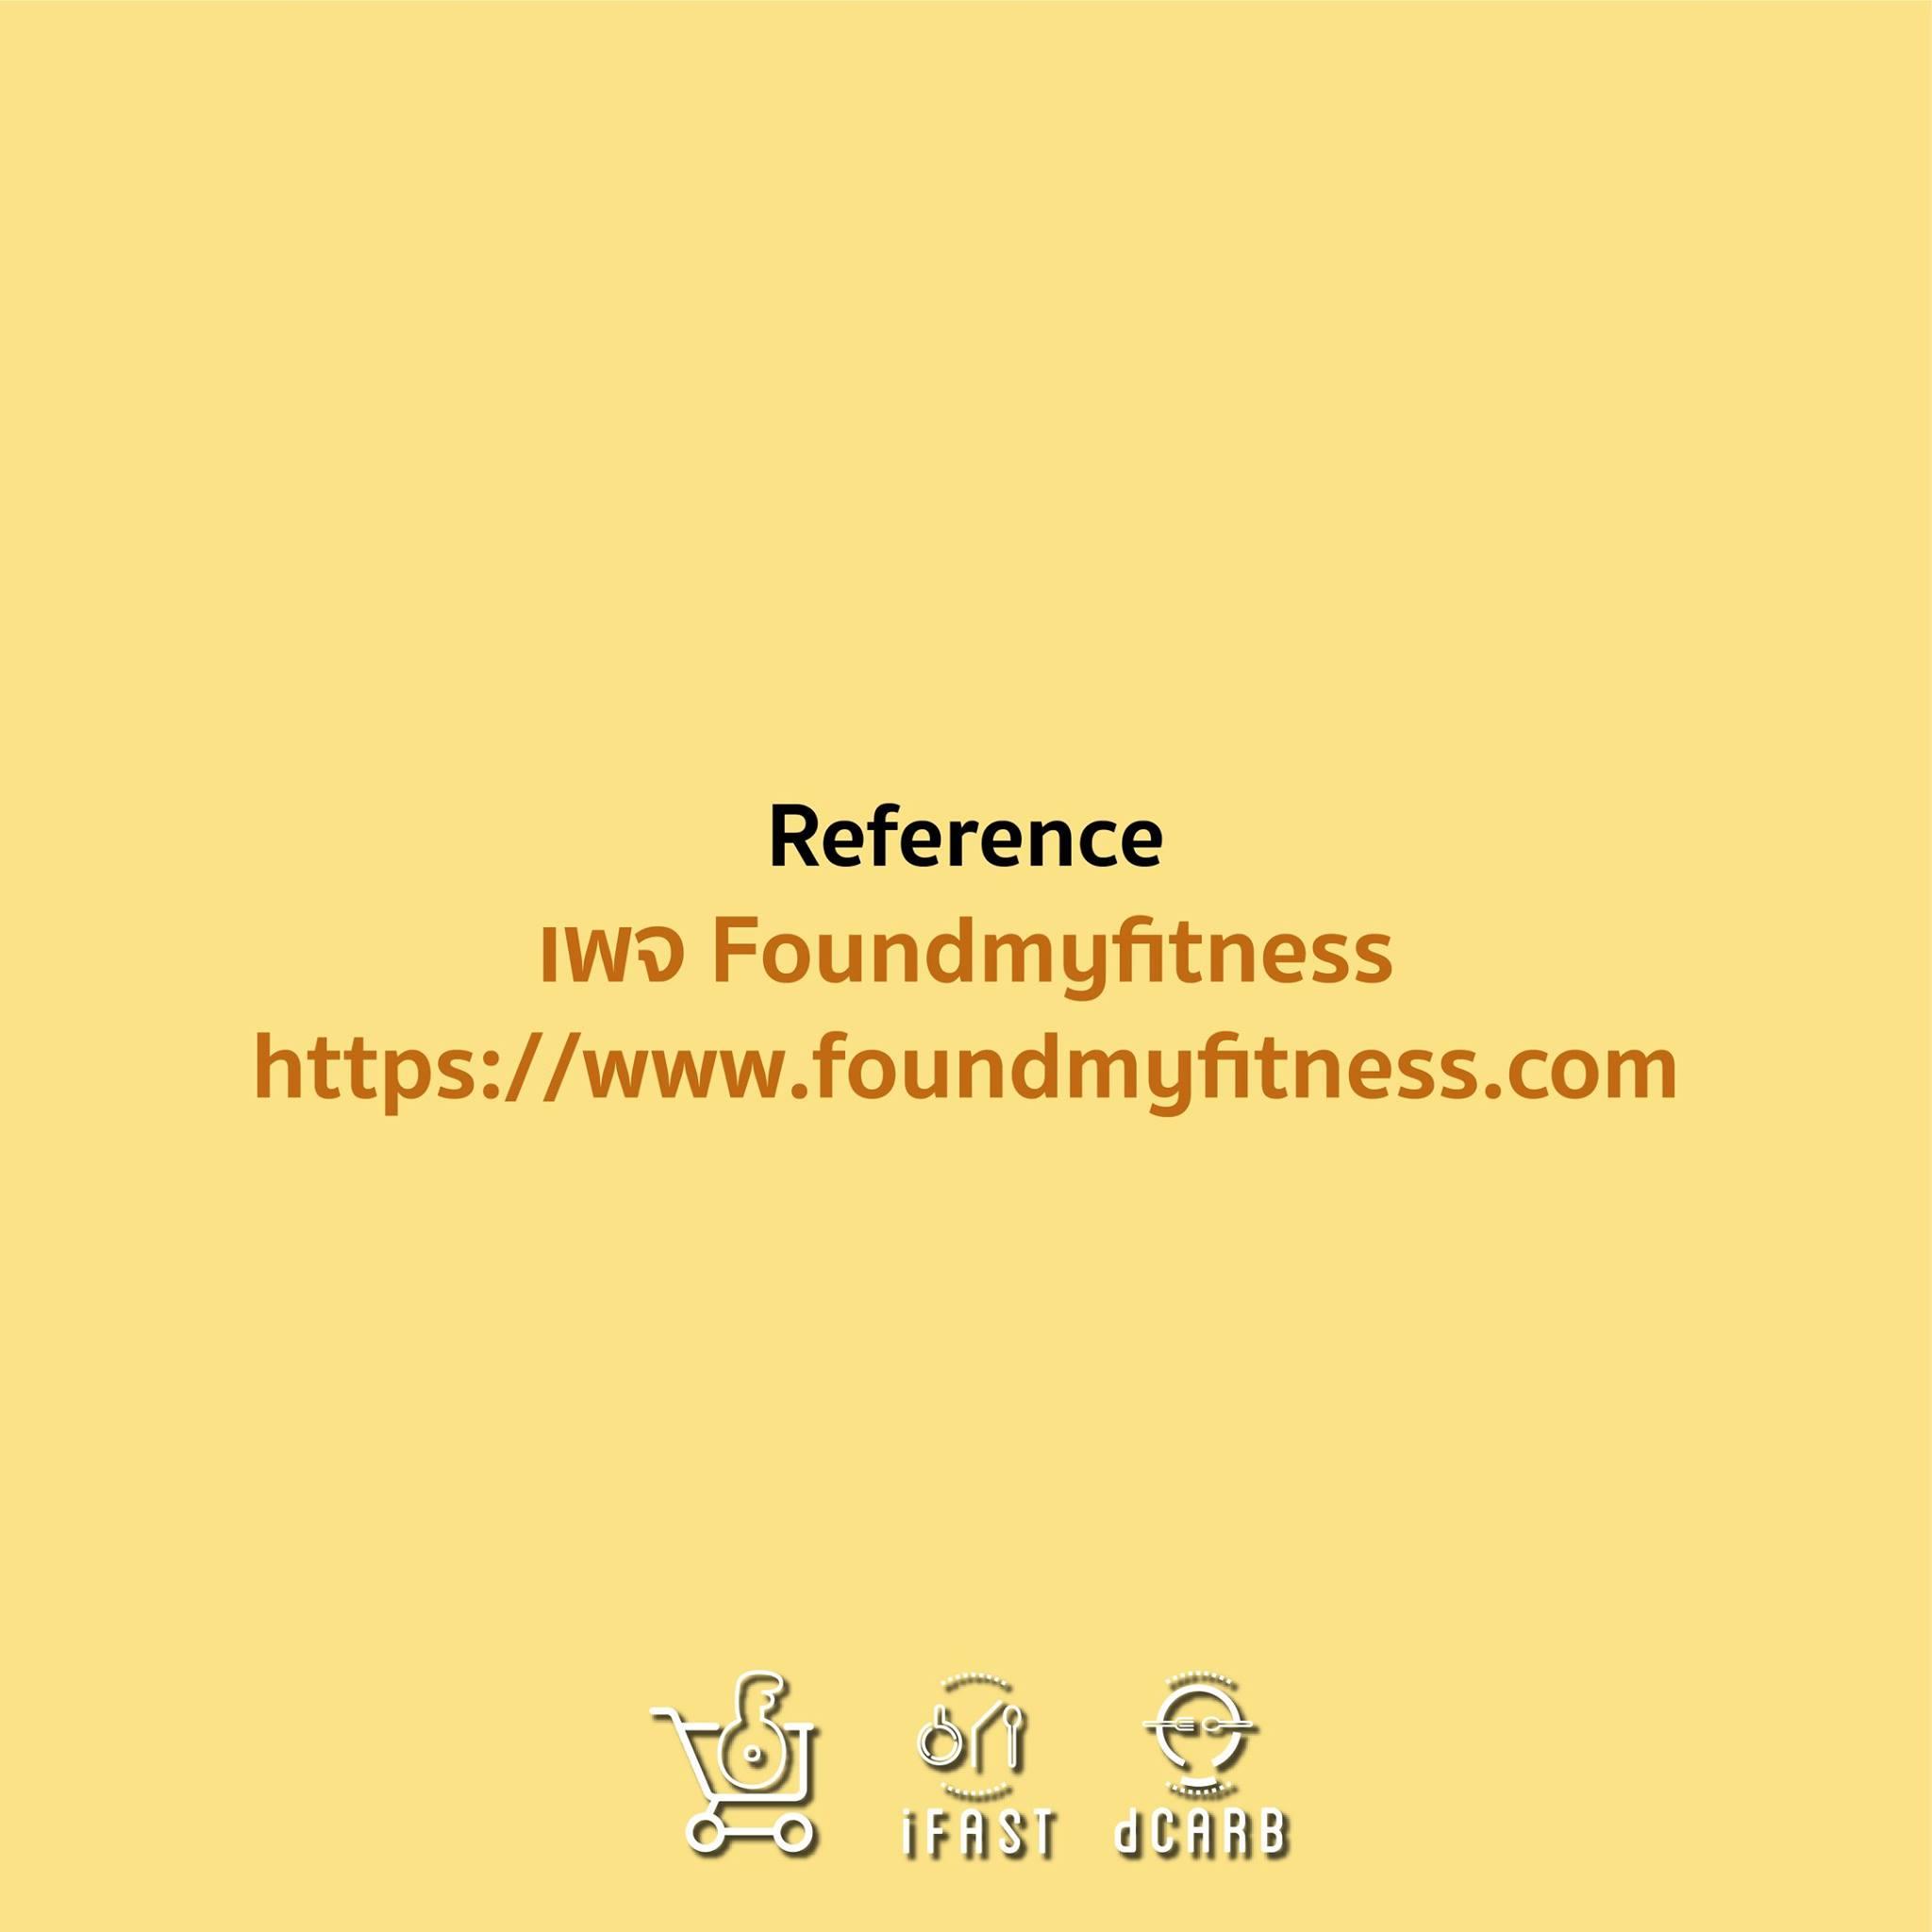 แหล่งที่มา : เพจ Foundmyfitness https://www.foundmyfitness.com/episodes/melatonin-insulin-response?fbclid=IwAR2huHqXMWrVifP74idsEdhYHT66UZpzHSsKcKqH2e0V8bp9EgBRVtfwHqY ขอความมีสุขภาพกายใจที่ดี จงสถิตอยู่กับทุกคน